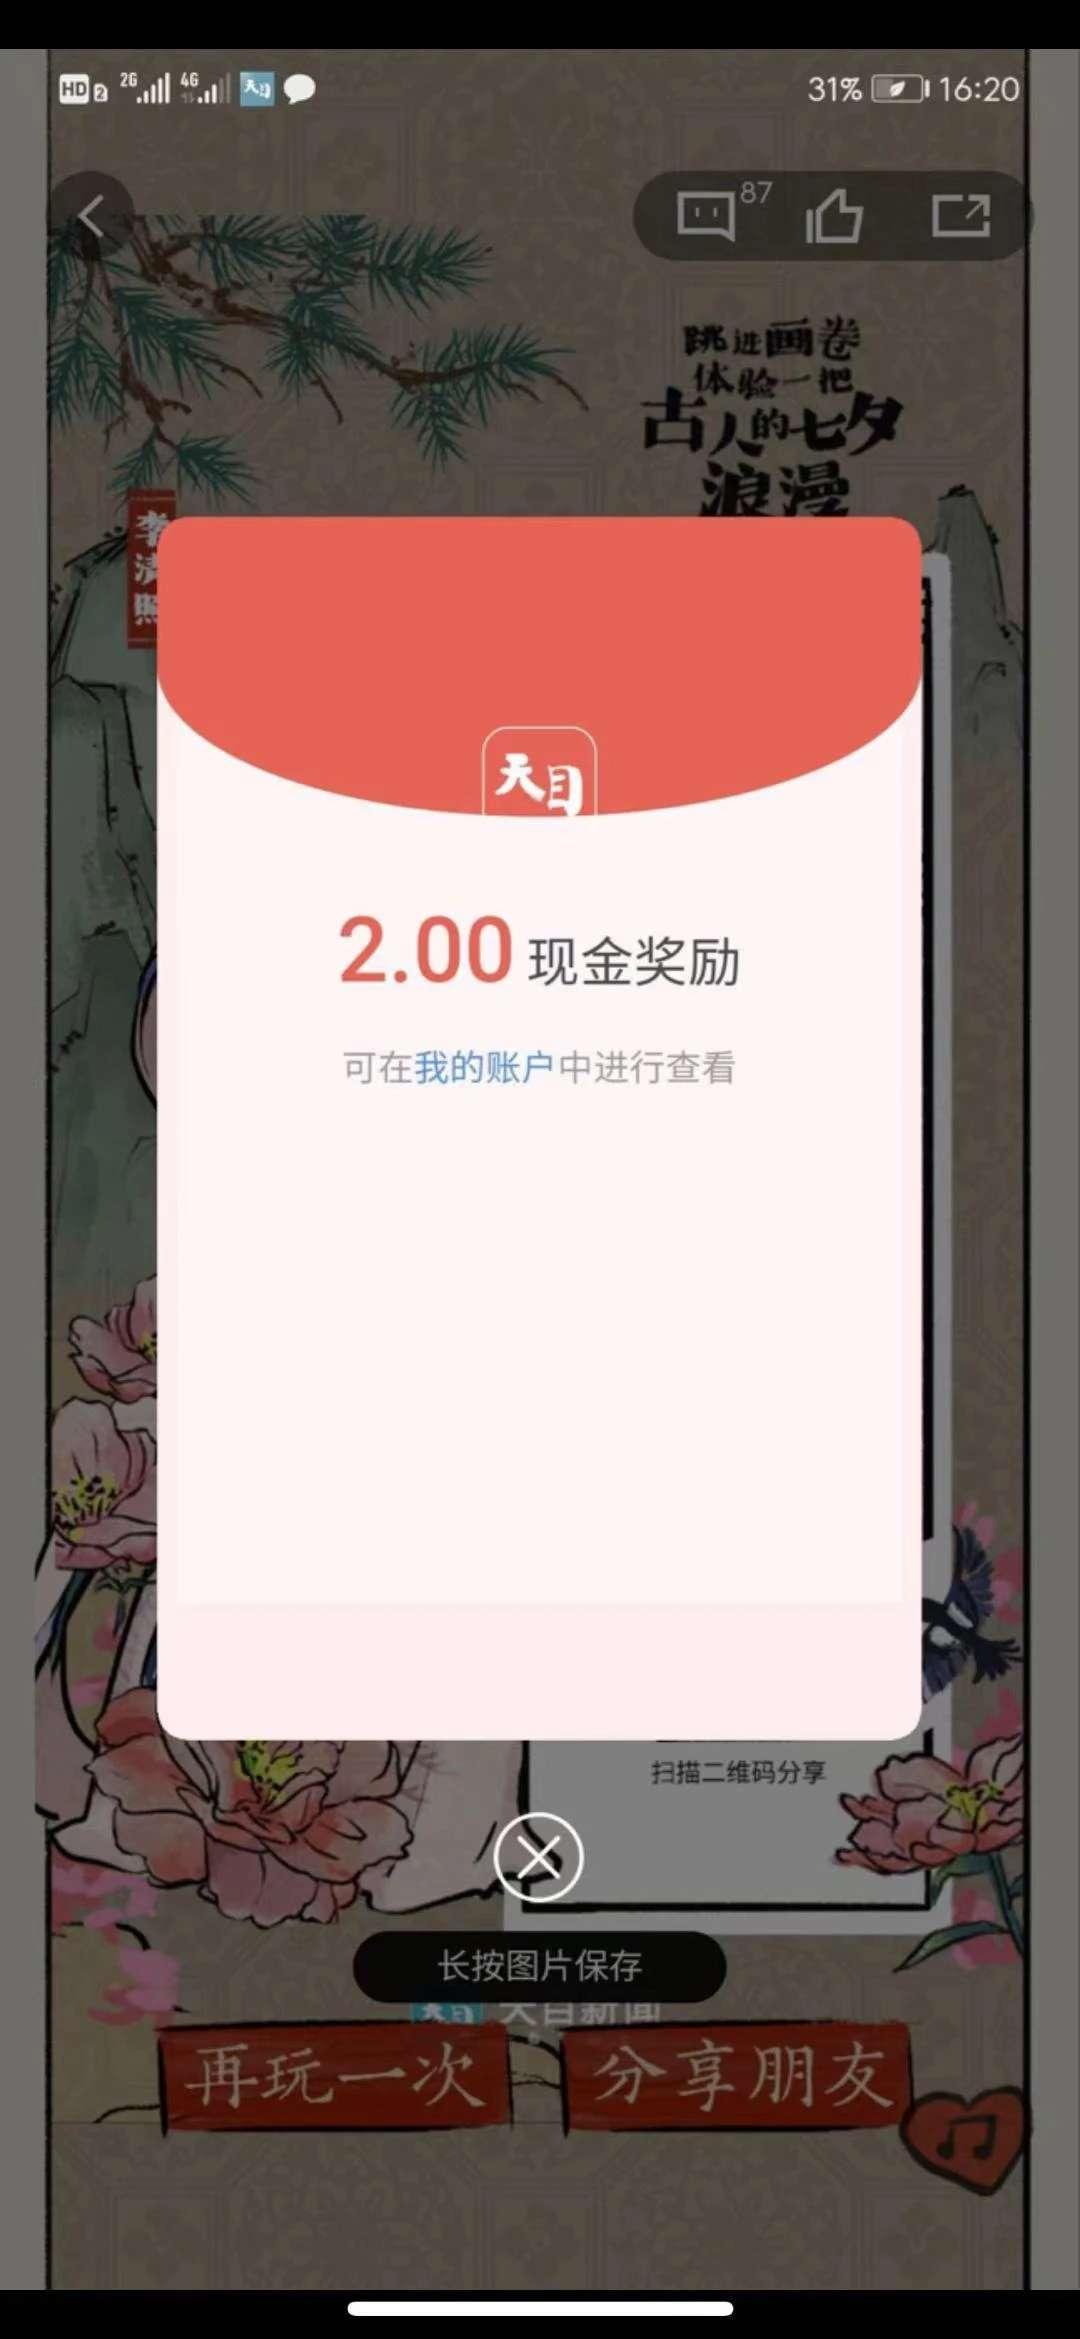 【红包活动】天目新闻七夕浪漫回答抽红包插图